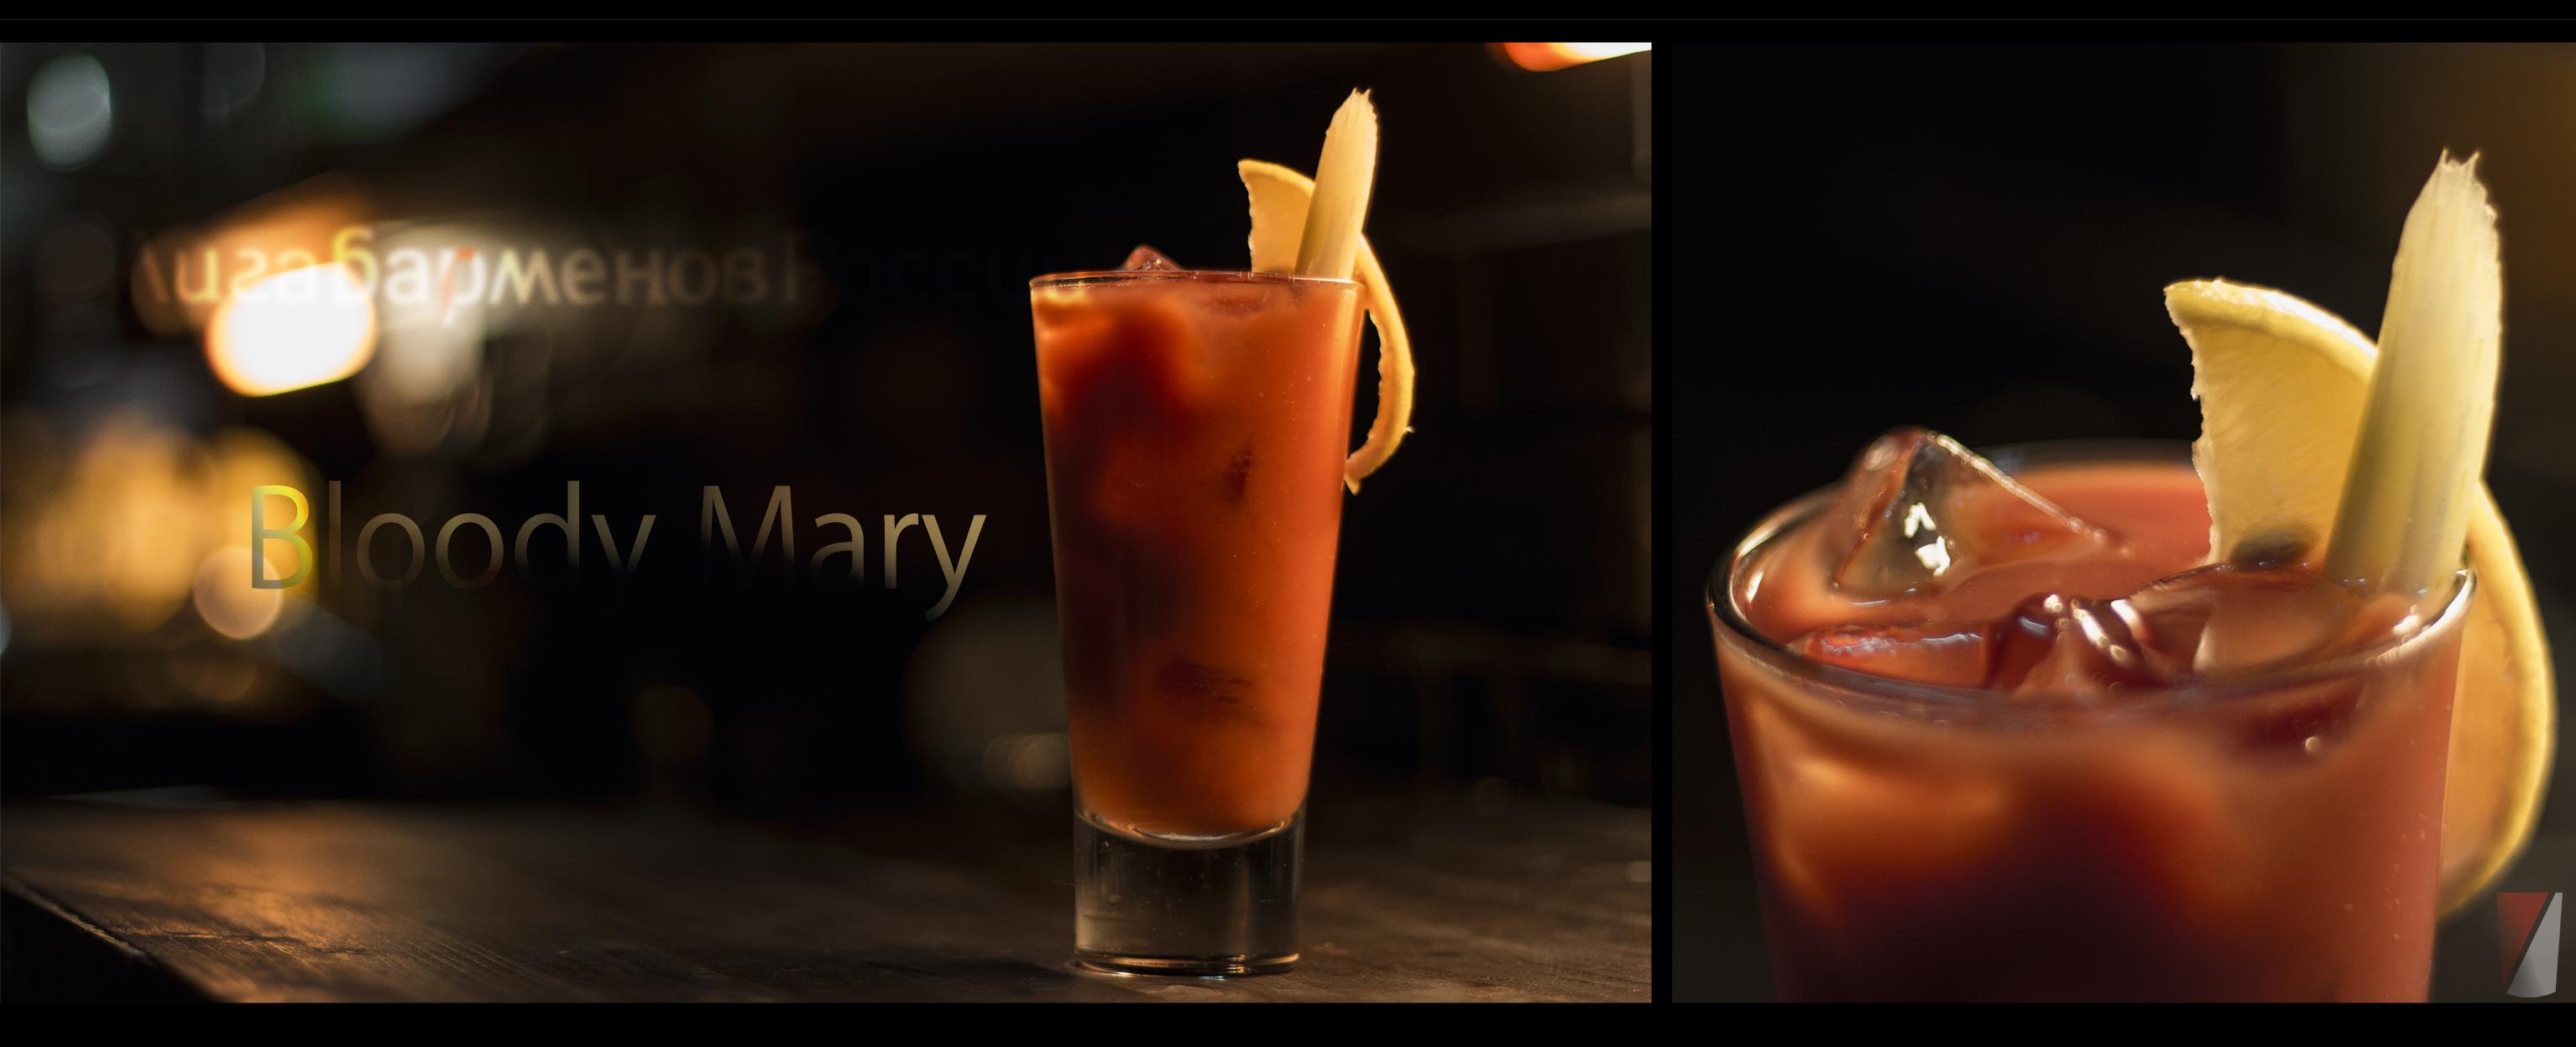 Рецепт коктейля Bloody Mary